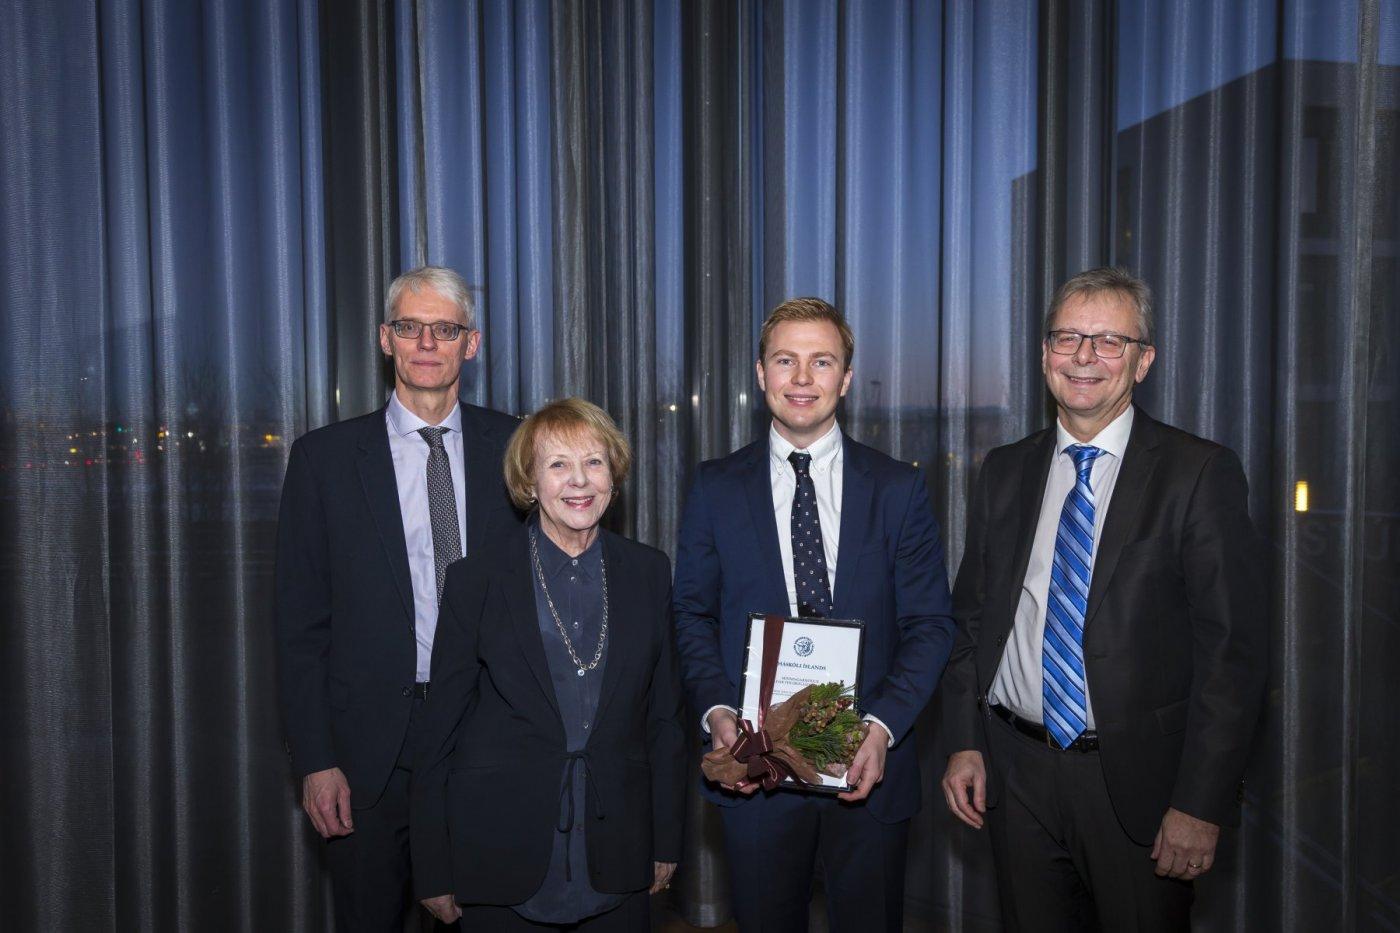 Sigurður Magnús Garðarsson, Vigdís Finnbogadóttir, Sigurður Egilsson og Jón Atli Benediktsson